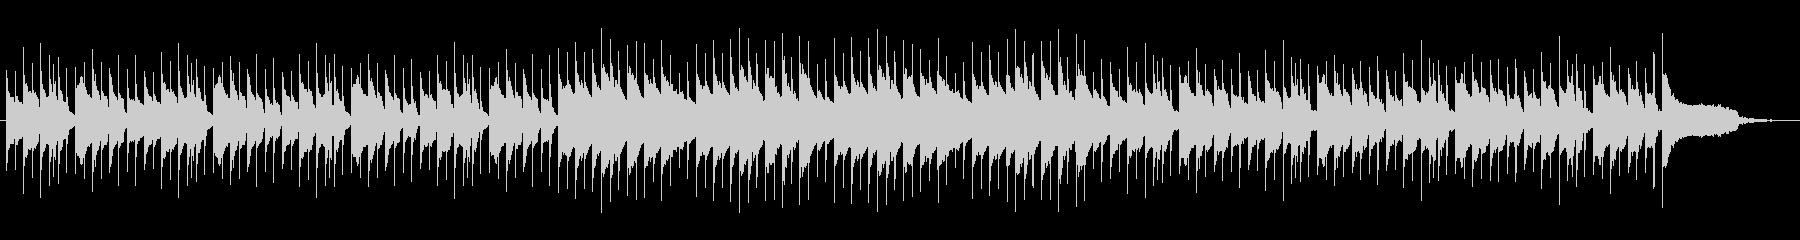 子供の音楽、子供の音楽、ノベルティ...の未再生の波形